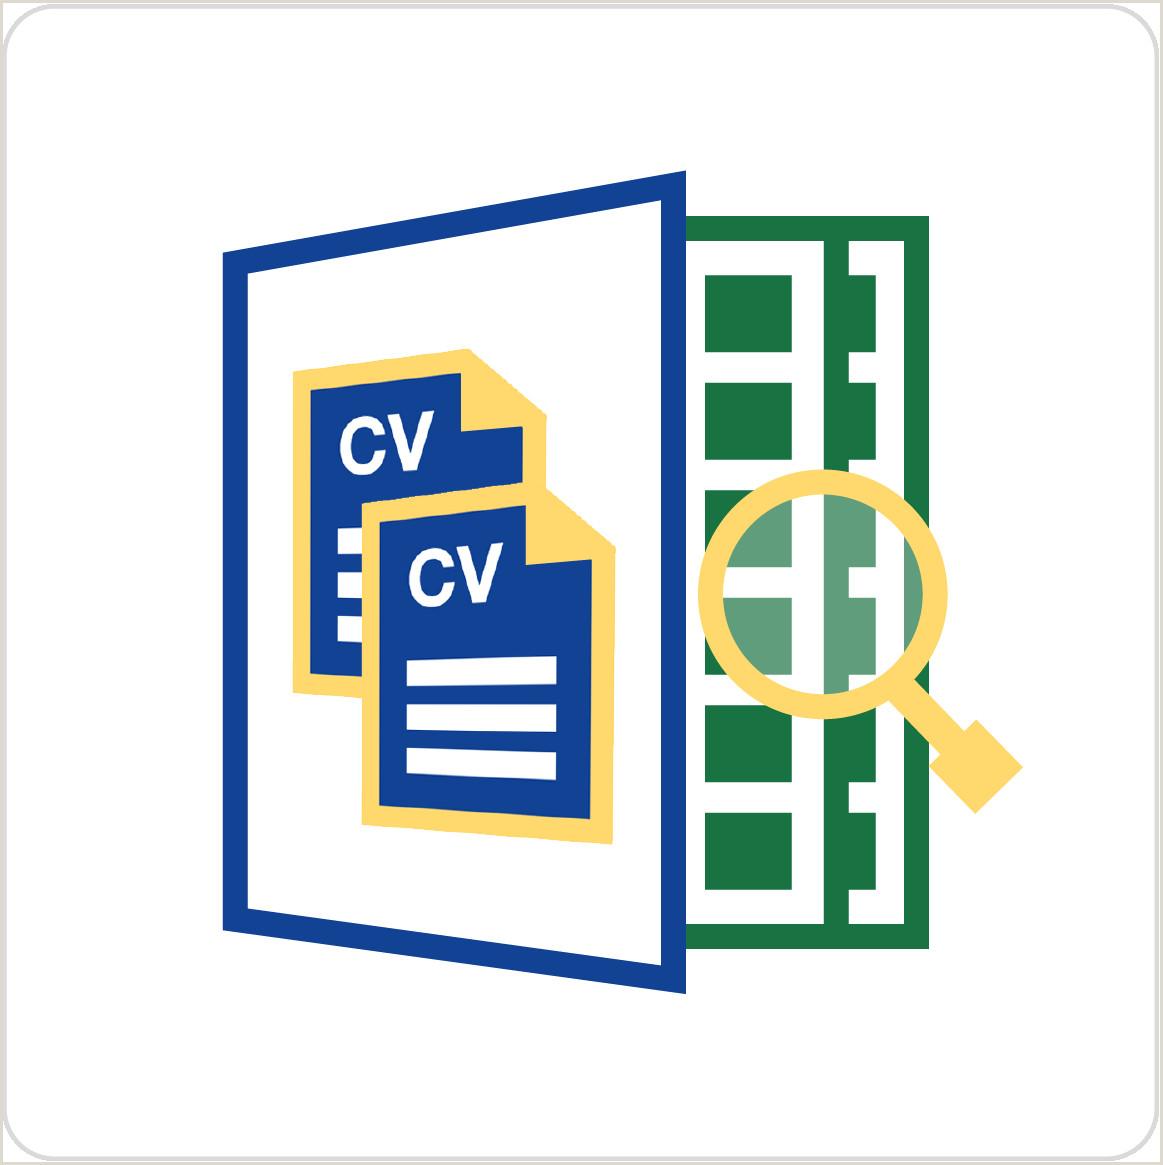 Europass Cv format Word Home